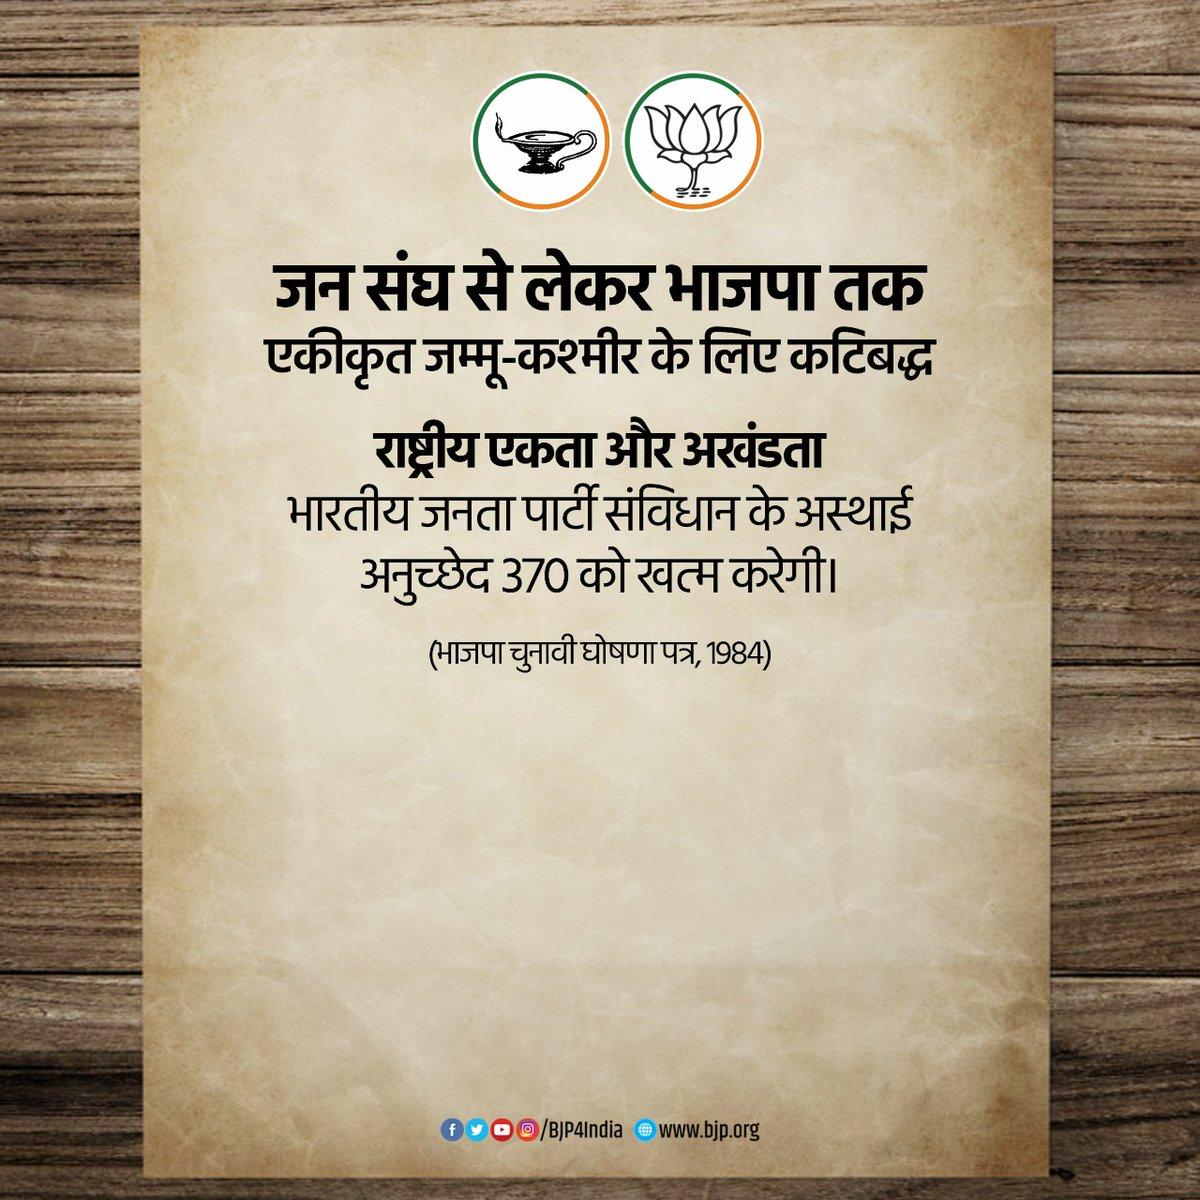 राष्ट्रीय एकता और अखंडता भारतीय जनता पार्टी संविधान के अस्थाई अनुच्छेद 370 को खत्म करेगी। - भाजपा चुनावी घोषणा पत्र, 1989 #OneYearOfNoArticle370